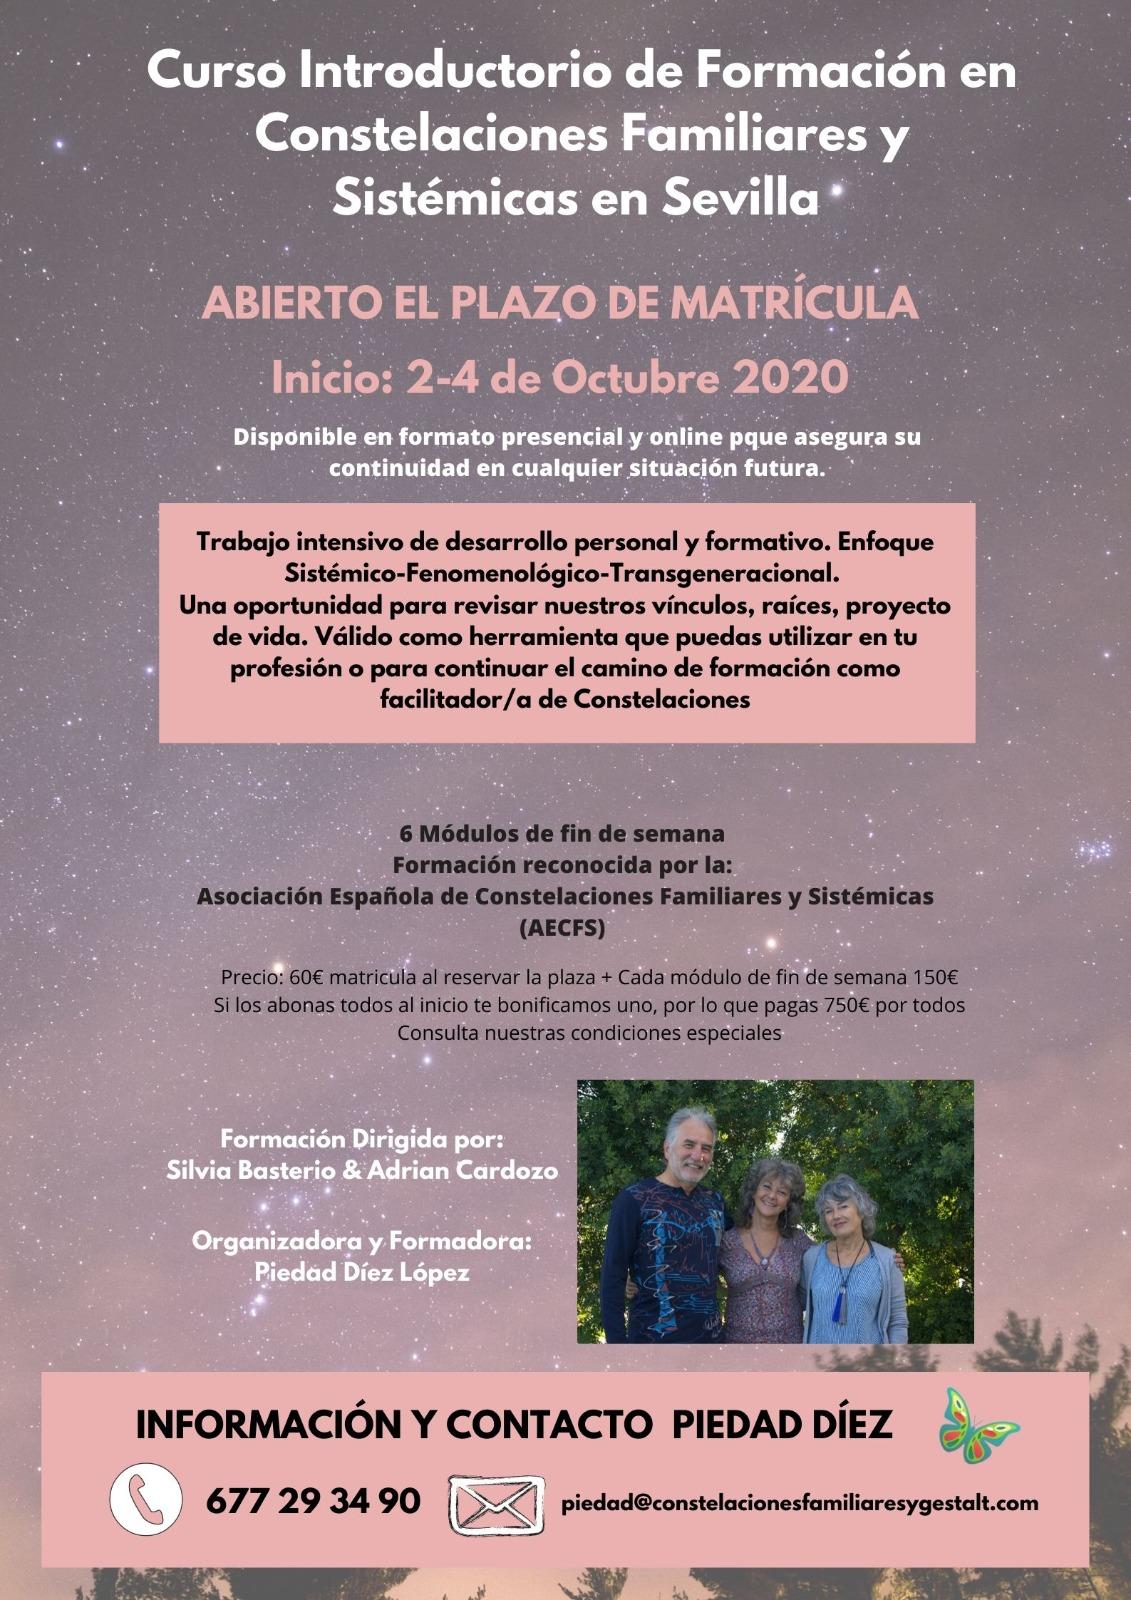 Curso introductorio de Formación en Constelaciones Familiares (Sevilla, matriculación abierta)